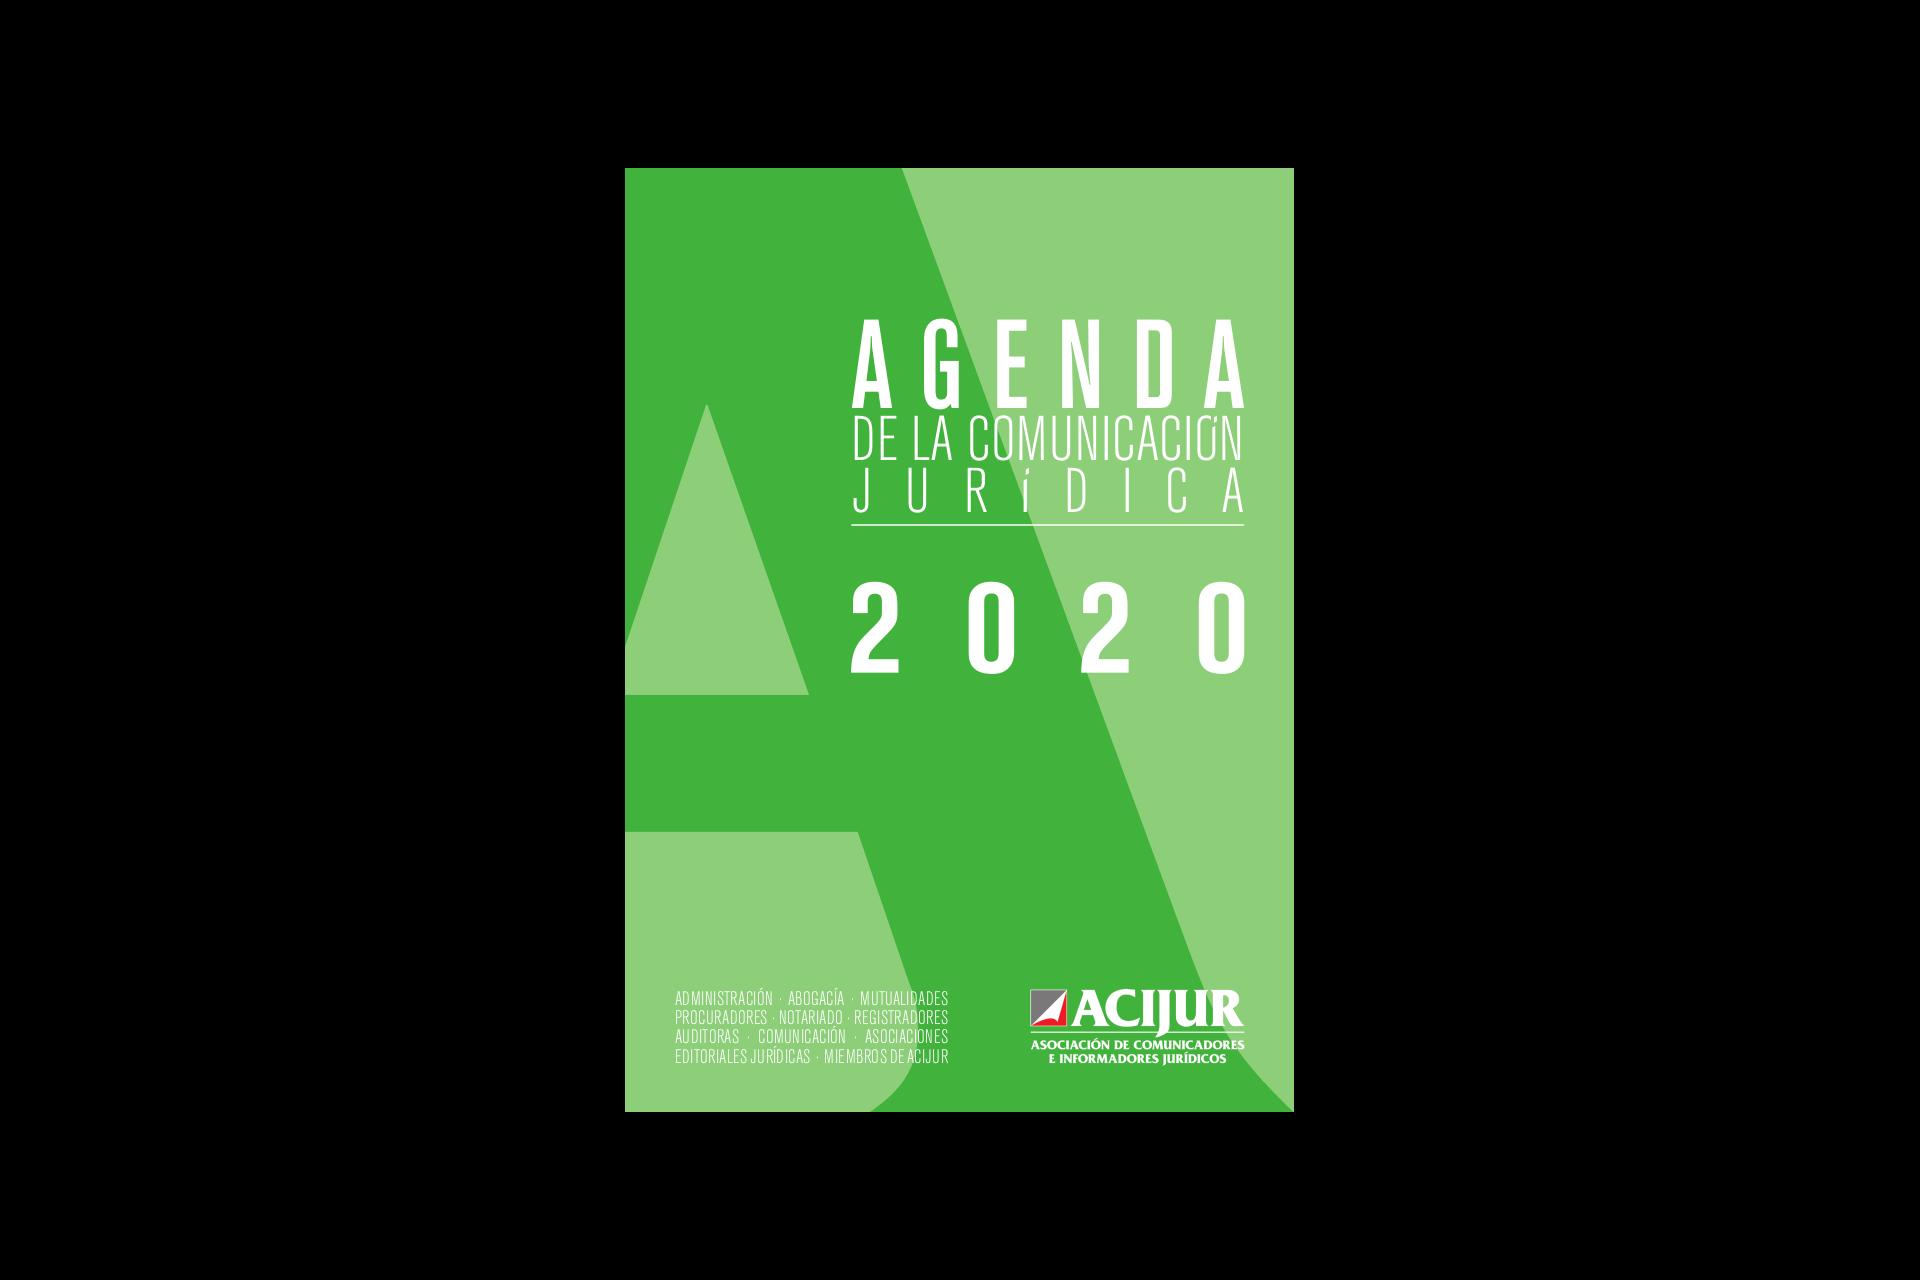 Agenda de la Comunicación Jurídica 2020 de ACIJUR